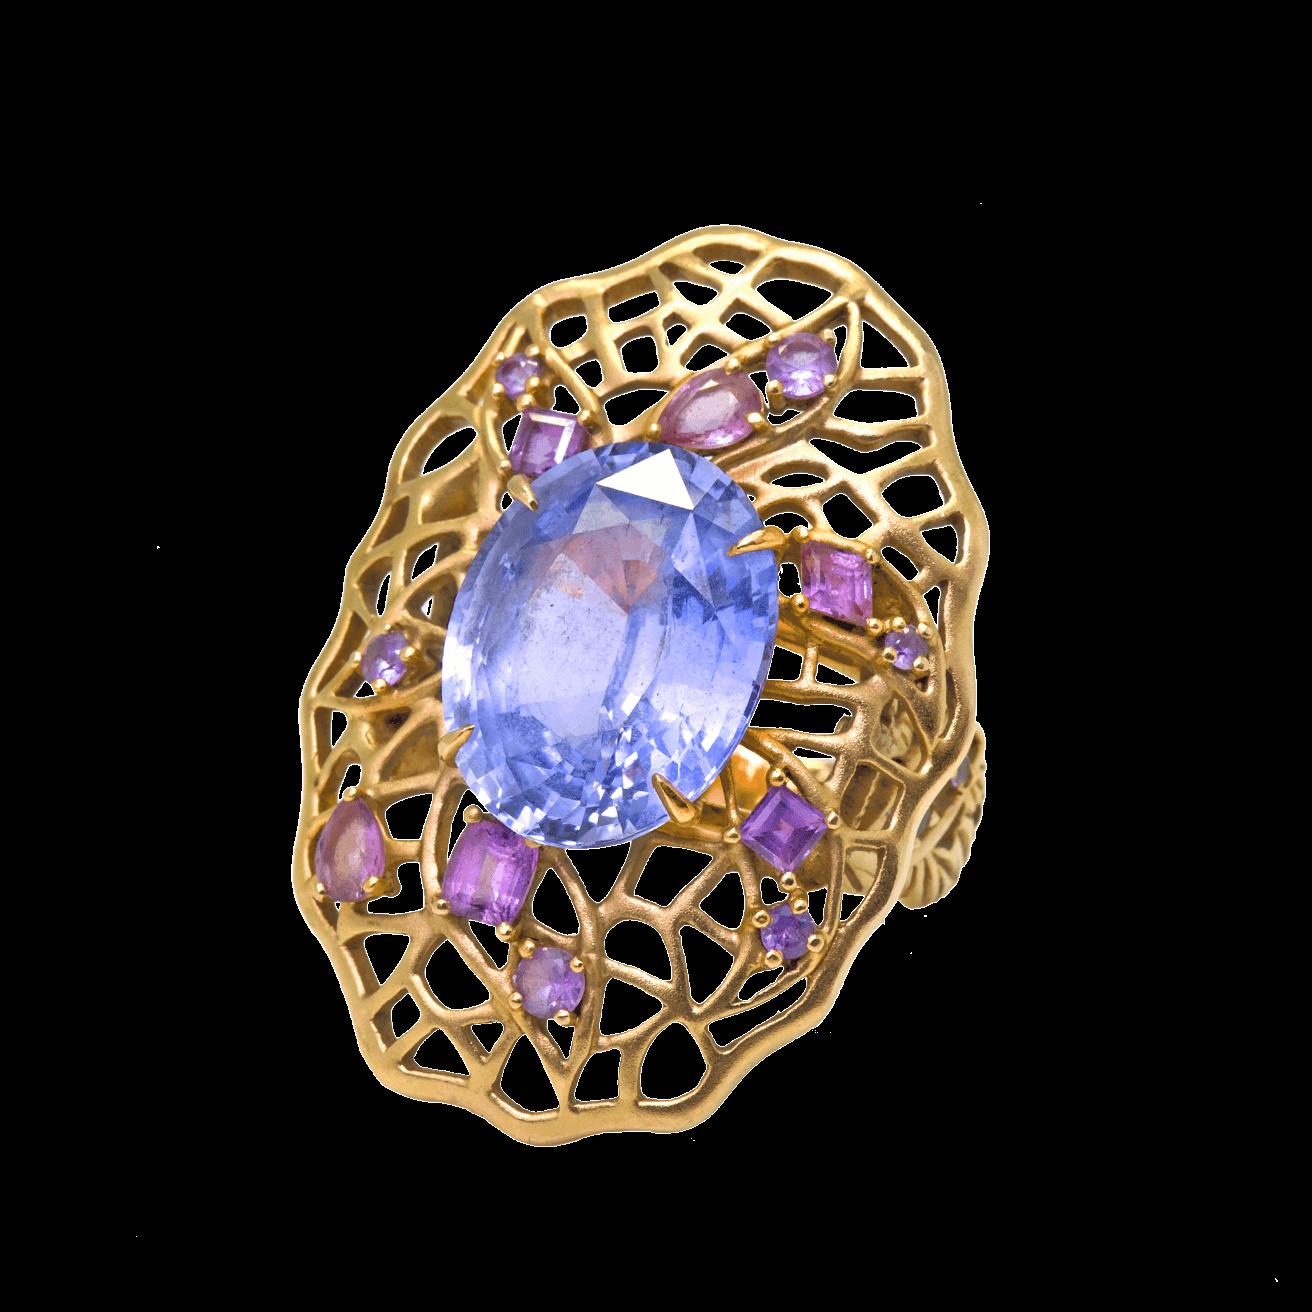 Feuille bague or rose saphir bleu